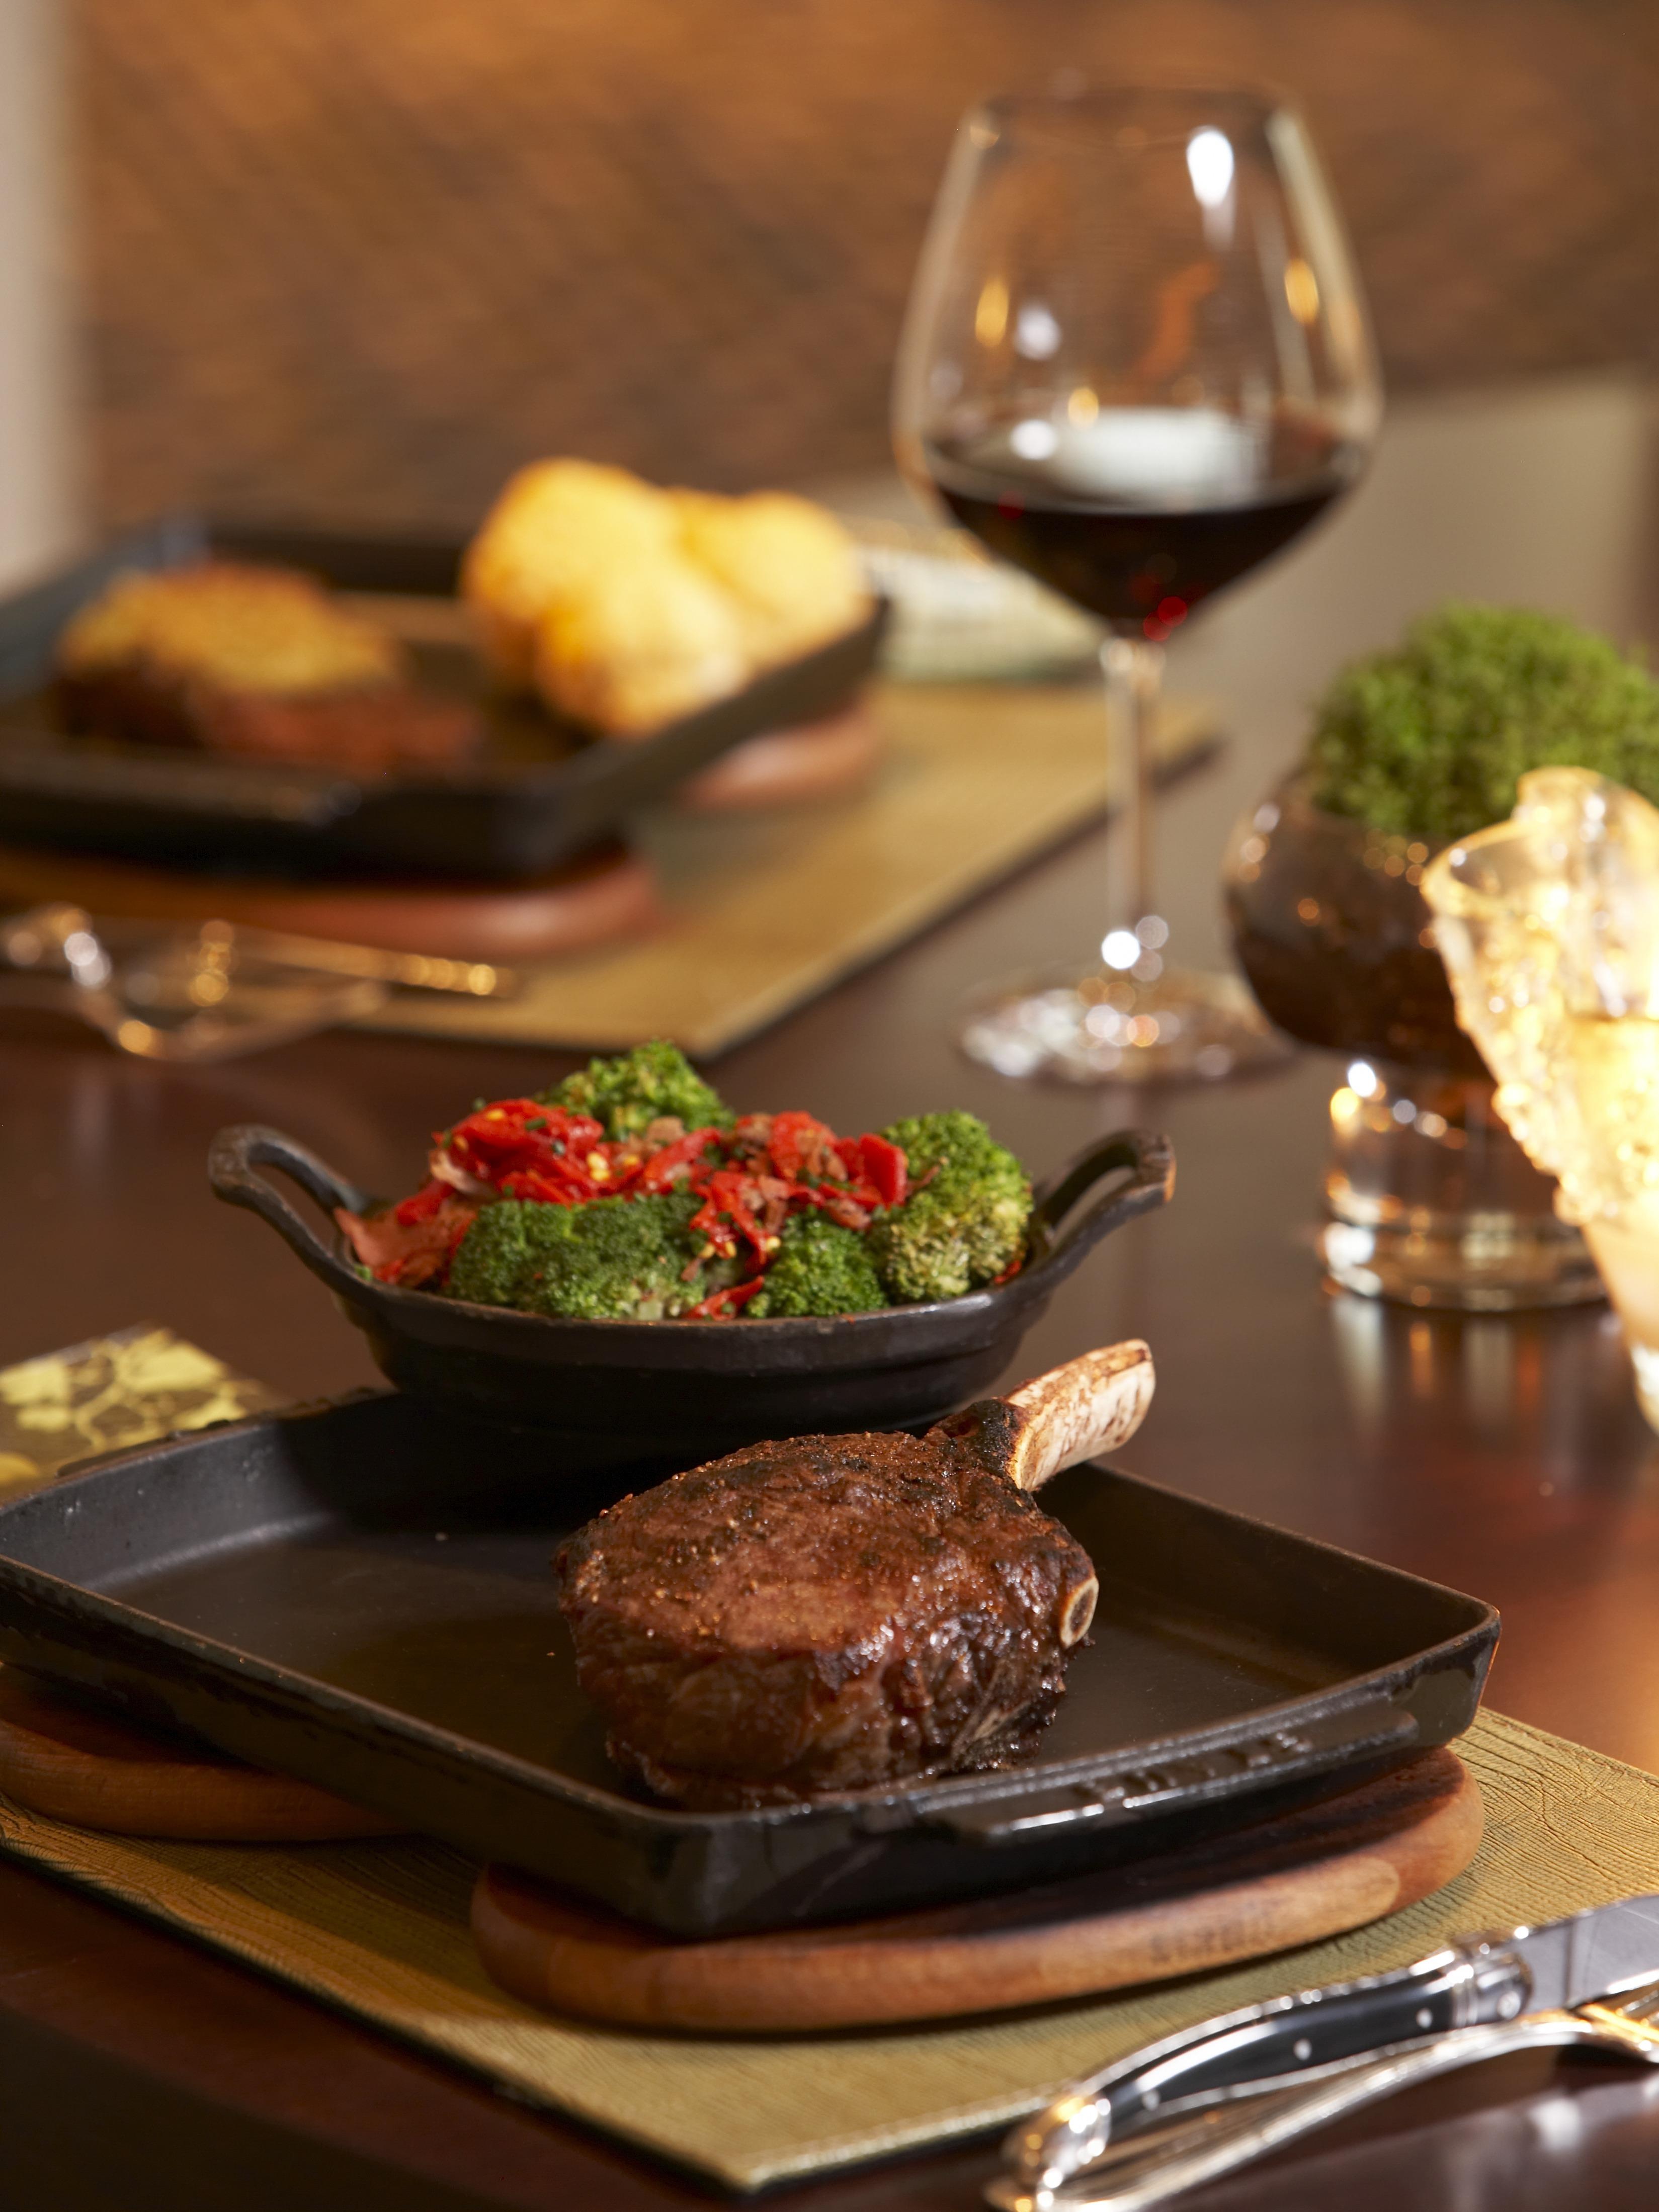 hyatt_hbm_park_sanpa_01_SANPA_P103_Steak_44264